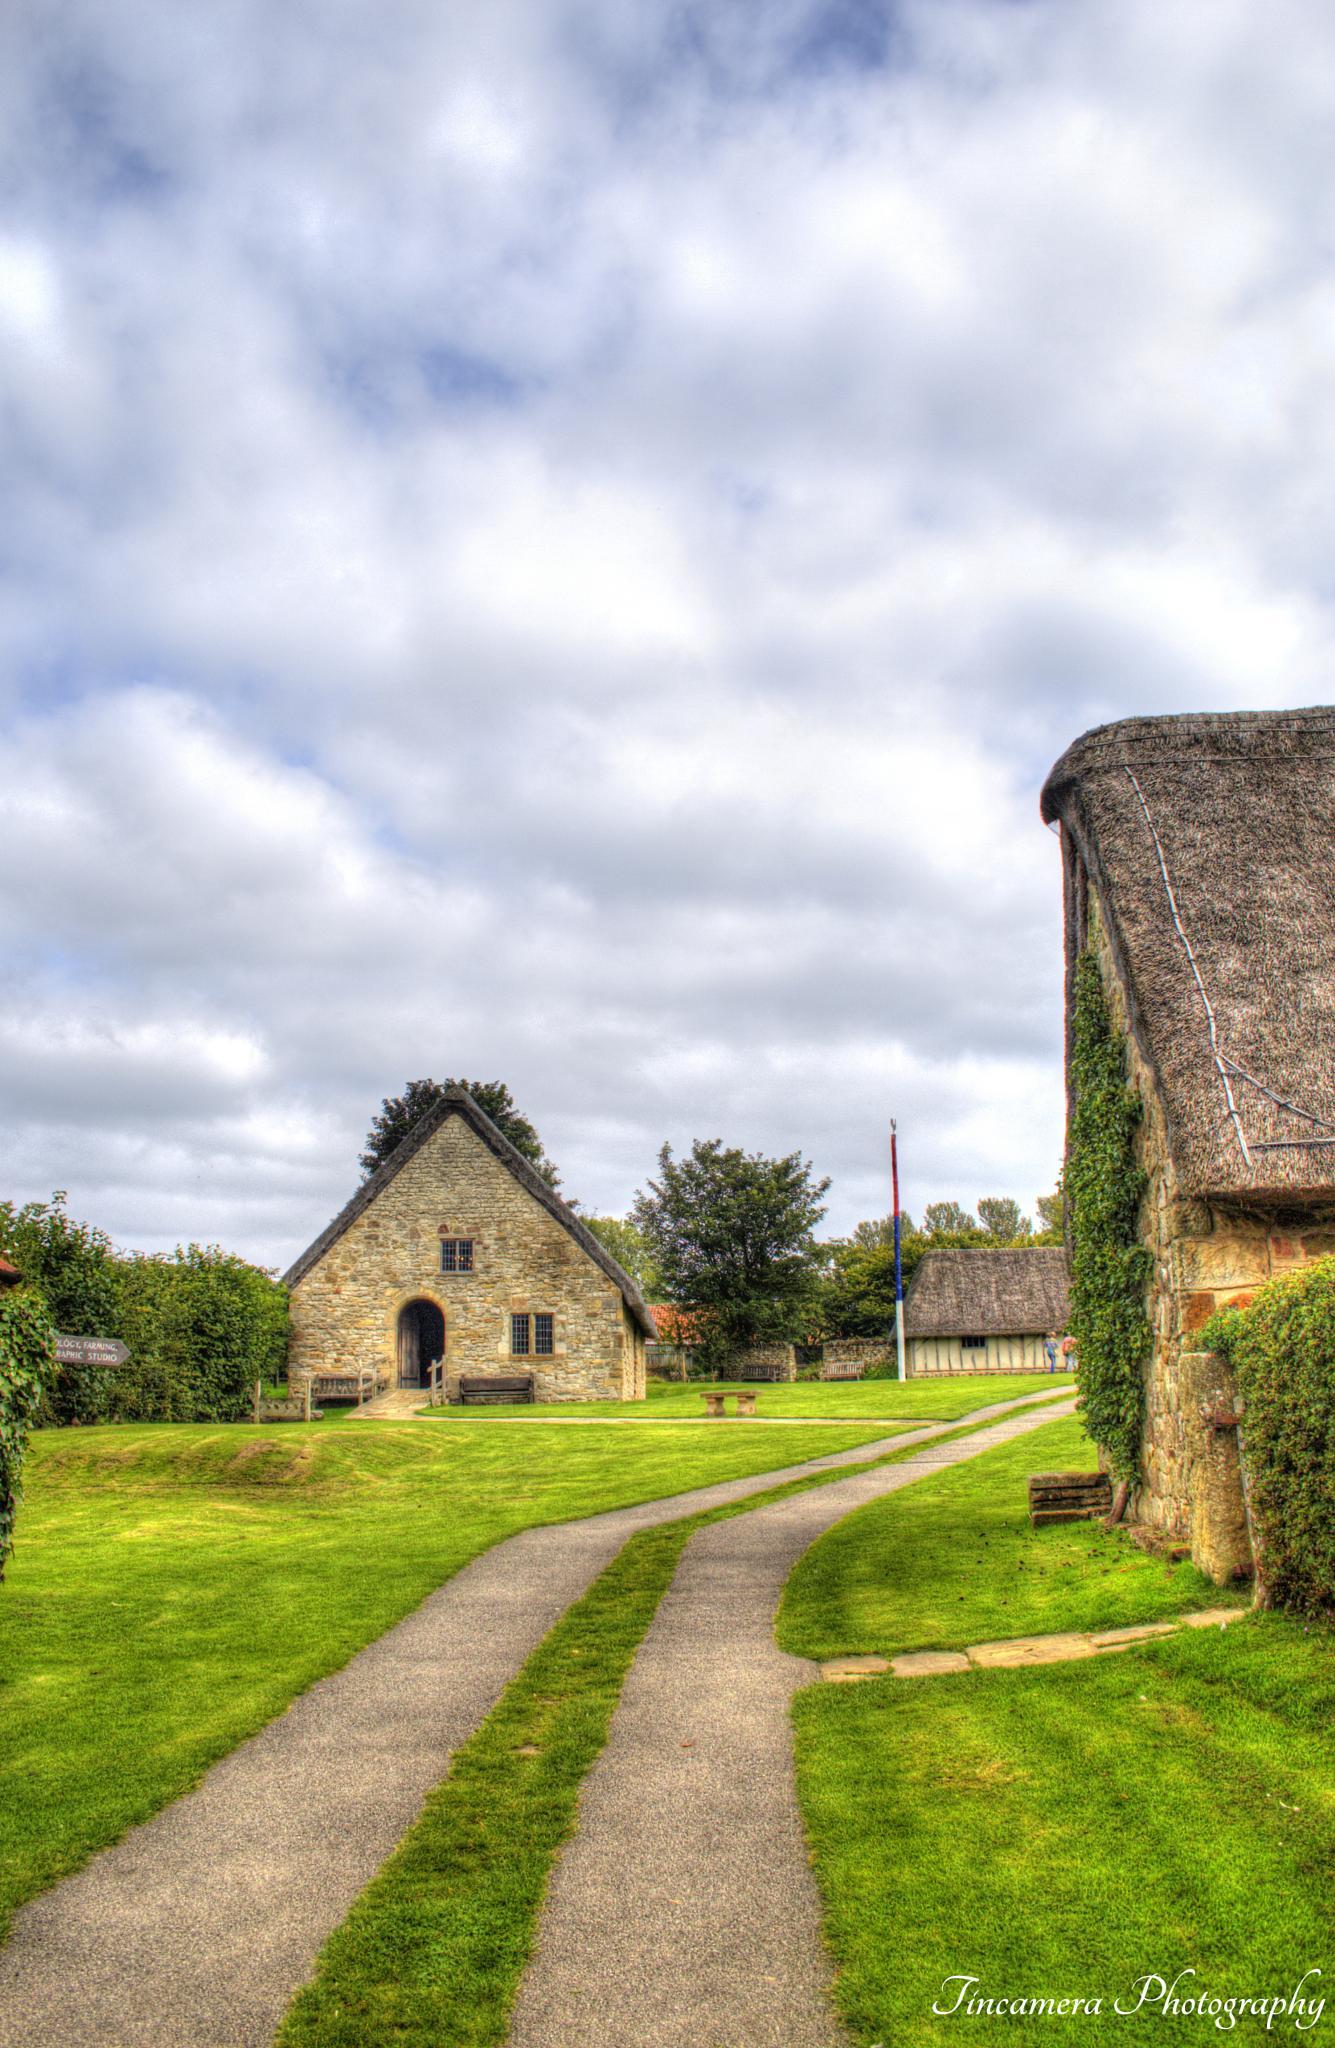 Ryedale Folk Museum by john jenkinson